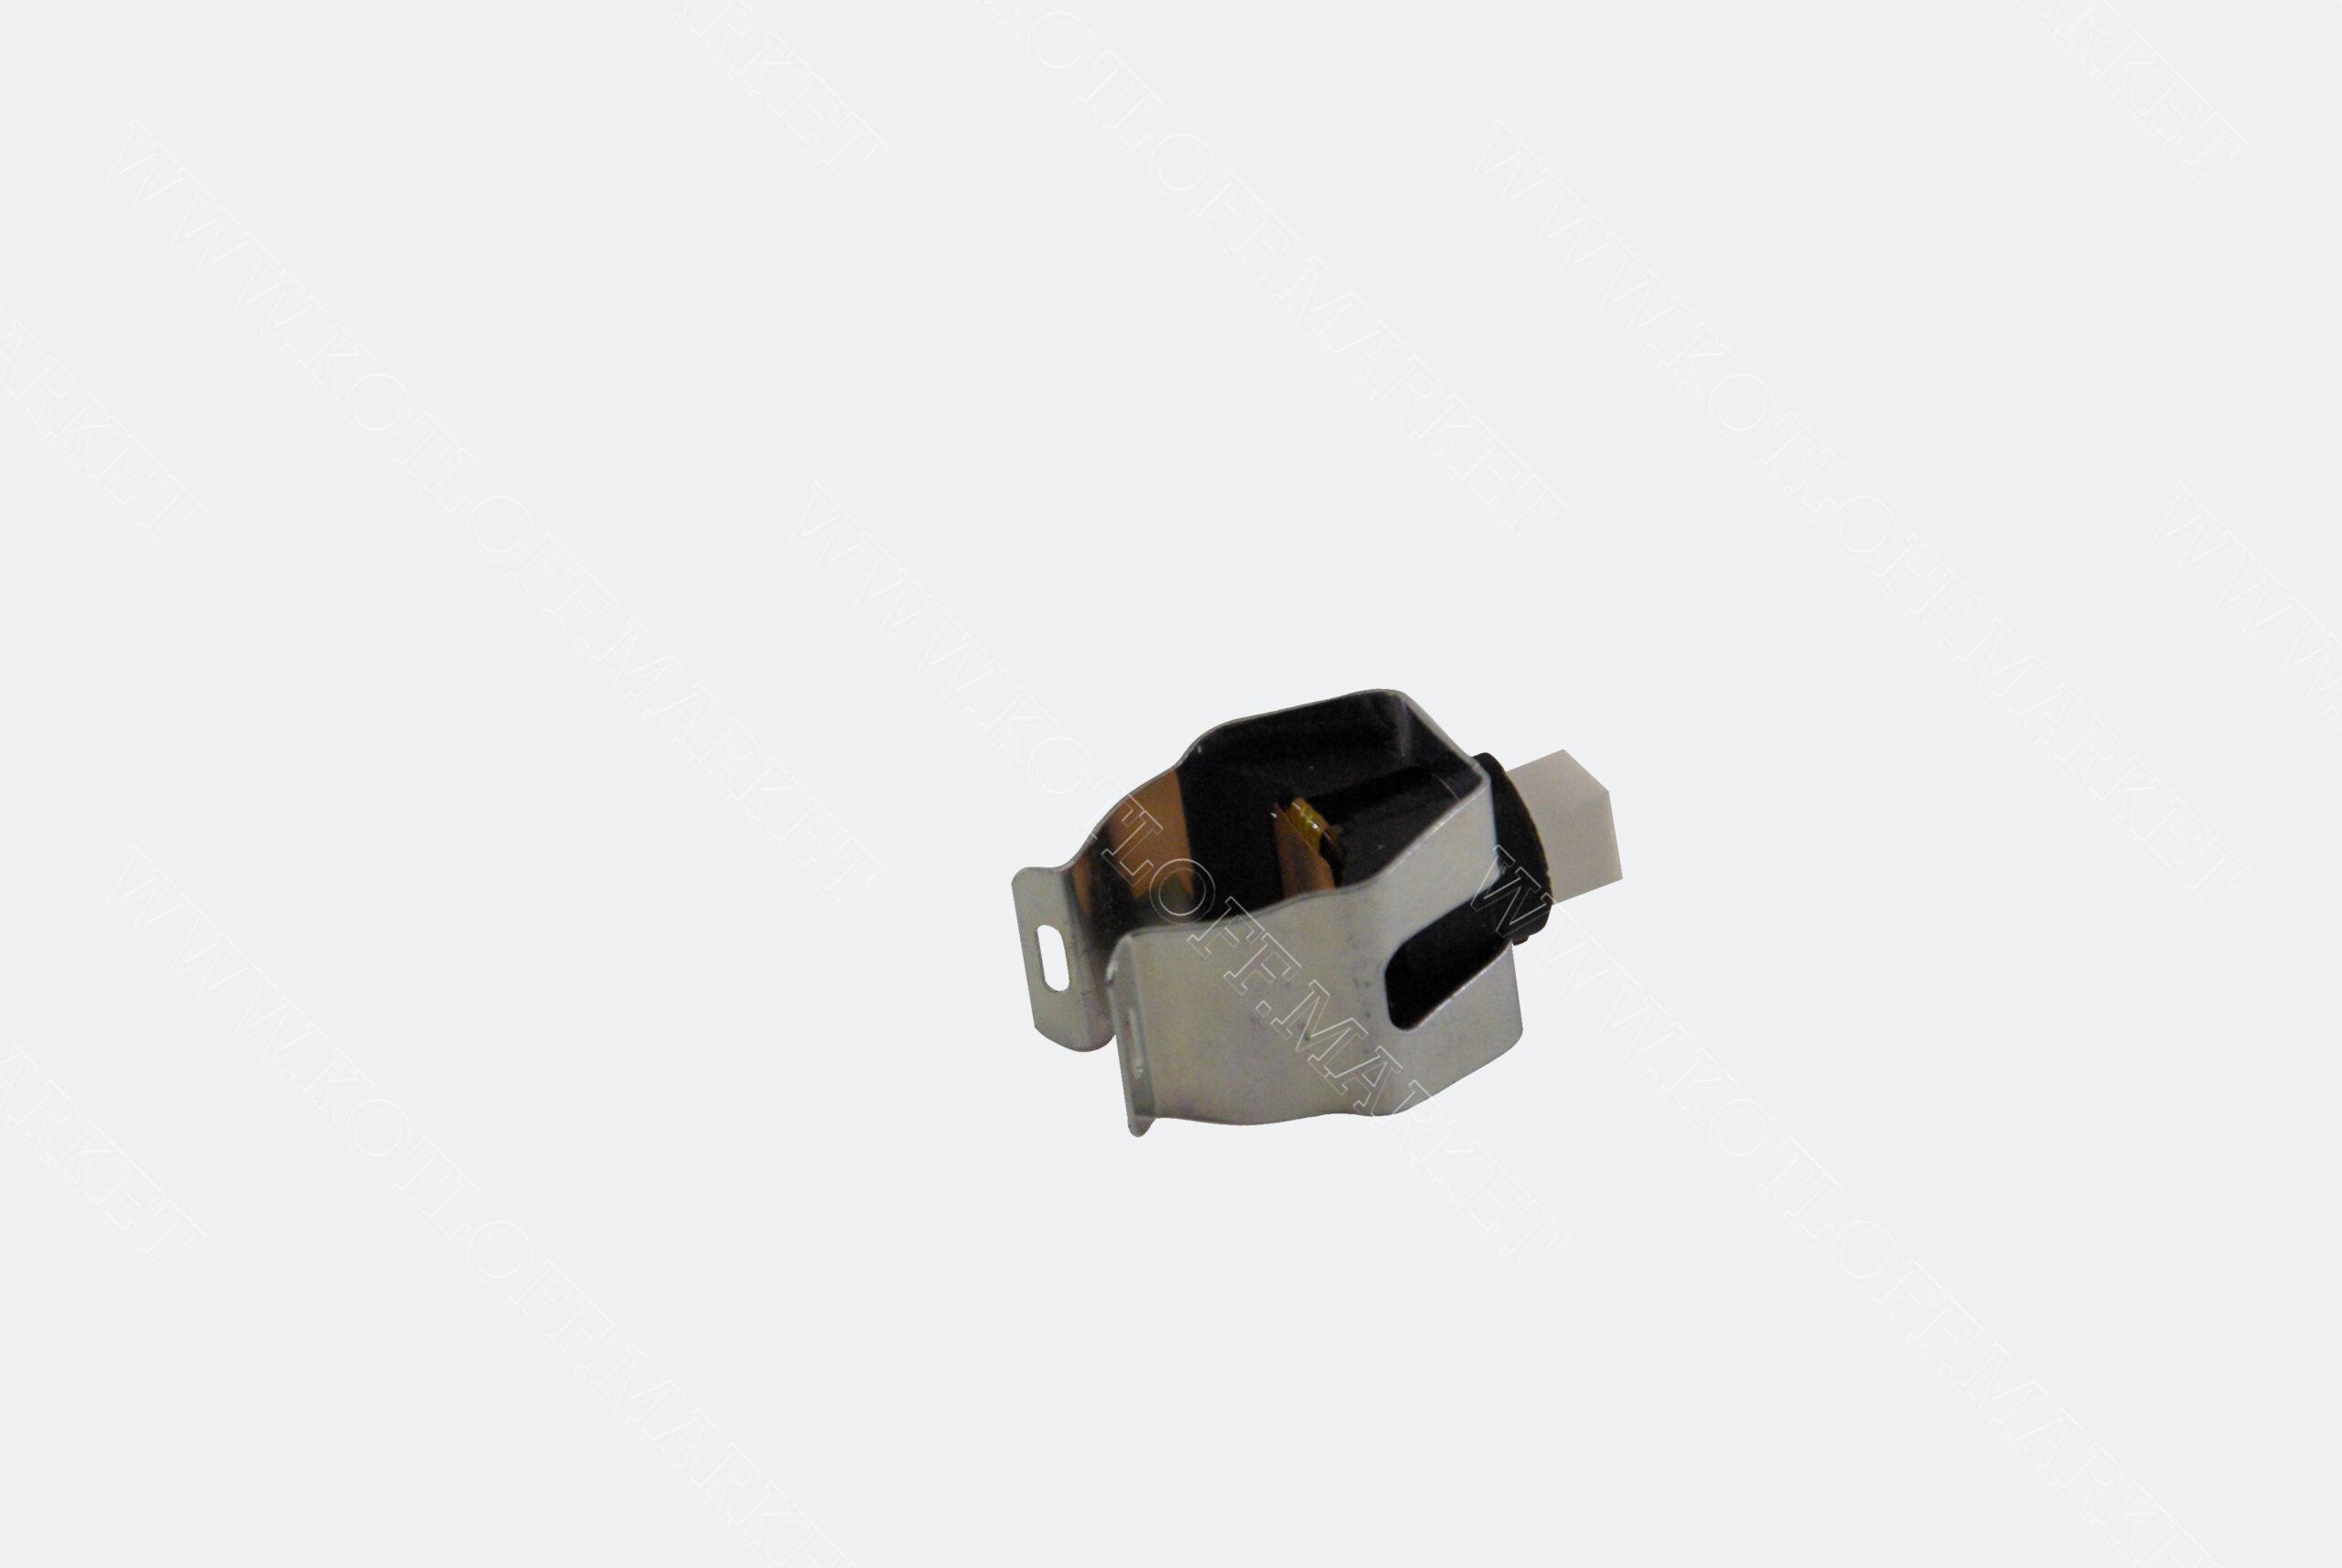 Четырехконтактный накладной датчик температуры отопления для газовых котлов Ferroli арт. 39819550 /Biasi, Sime арт. BI1442117 (6231362)